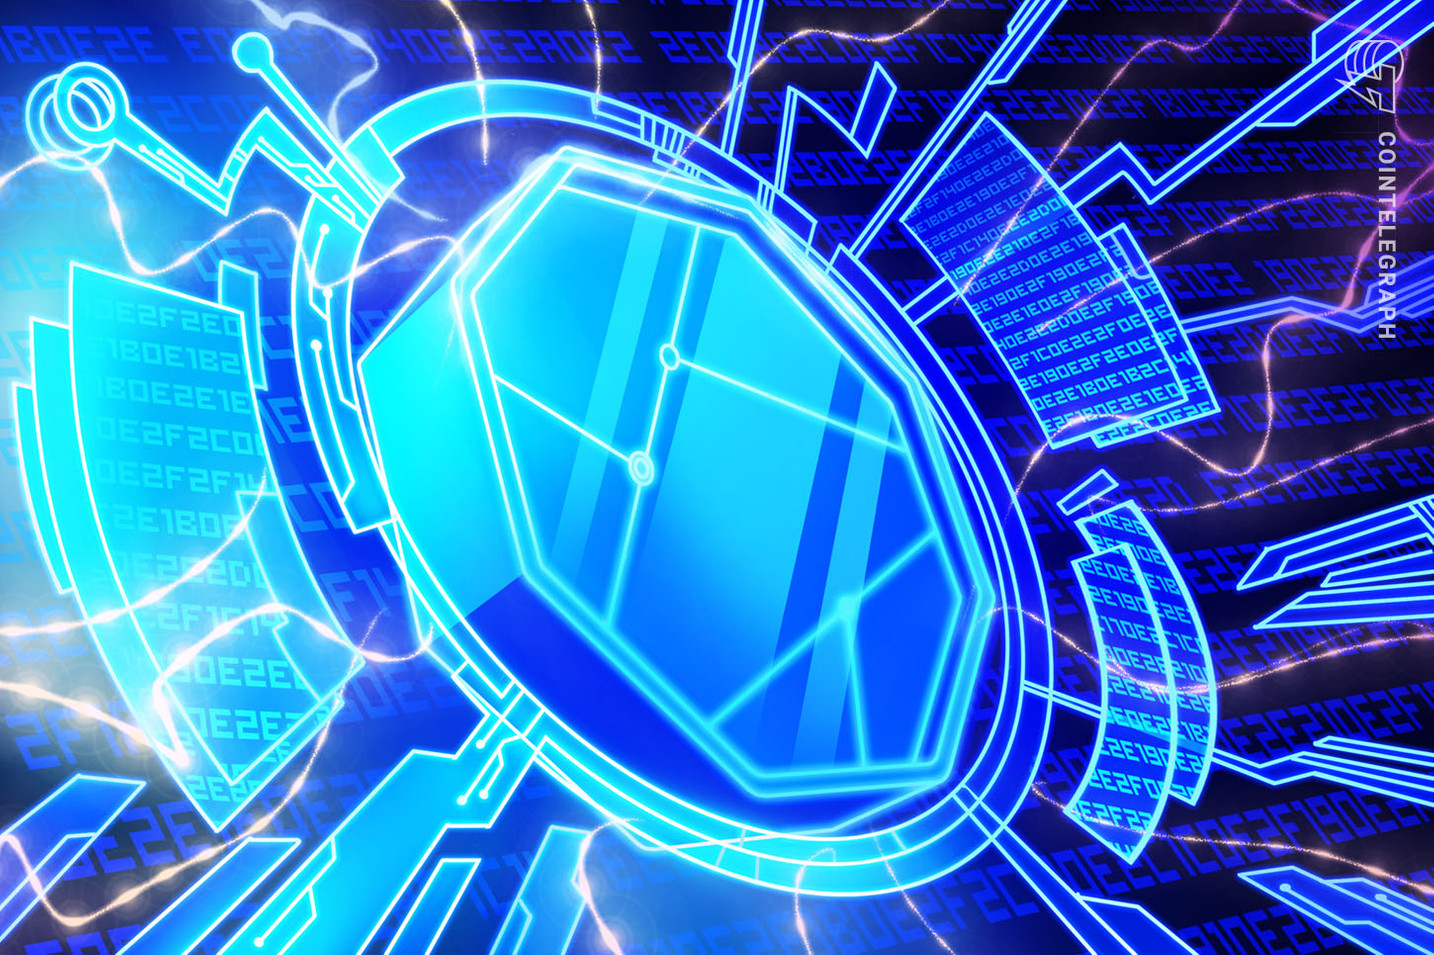 INX, emisor de una IPO de criptomonedas aprobada por la SEC, adquiere la plataforma STO OpenFinance